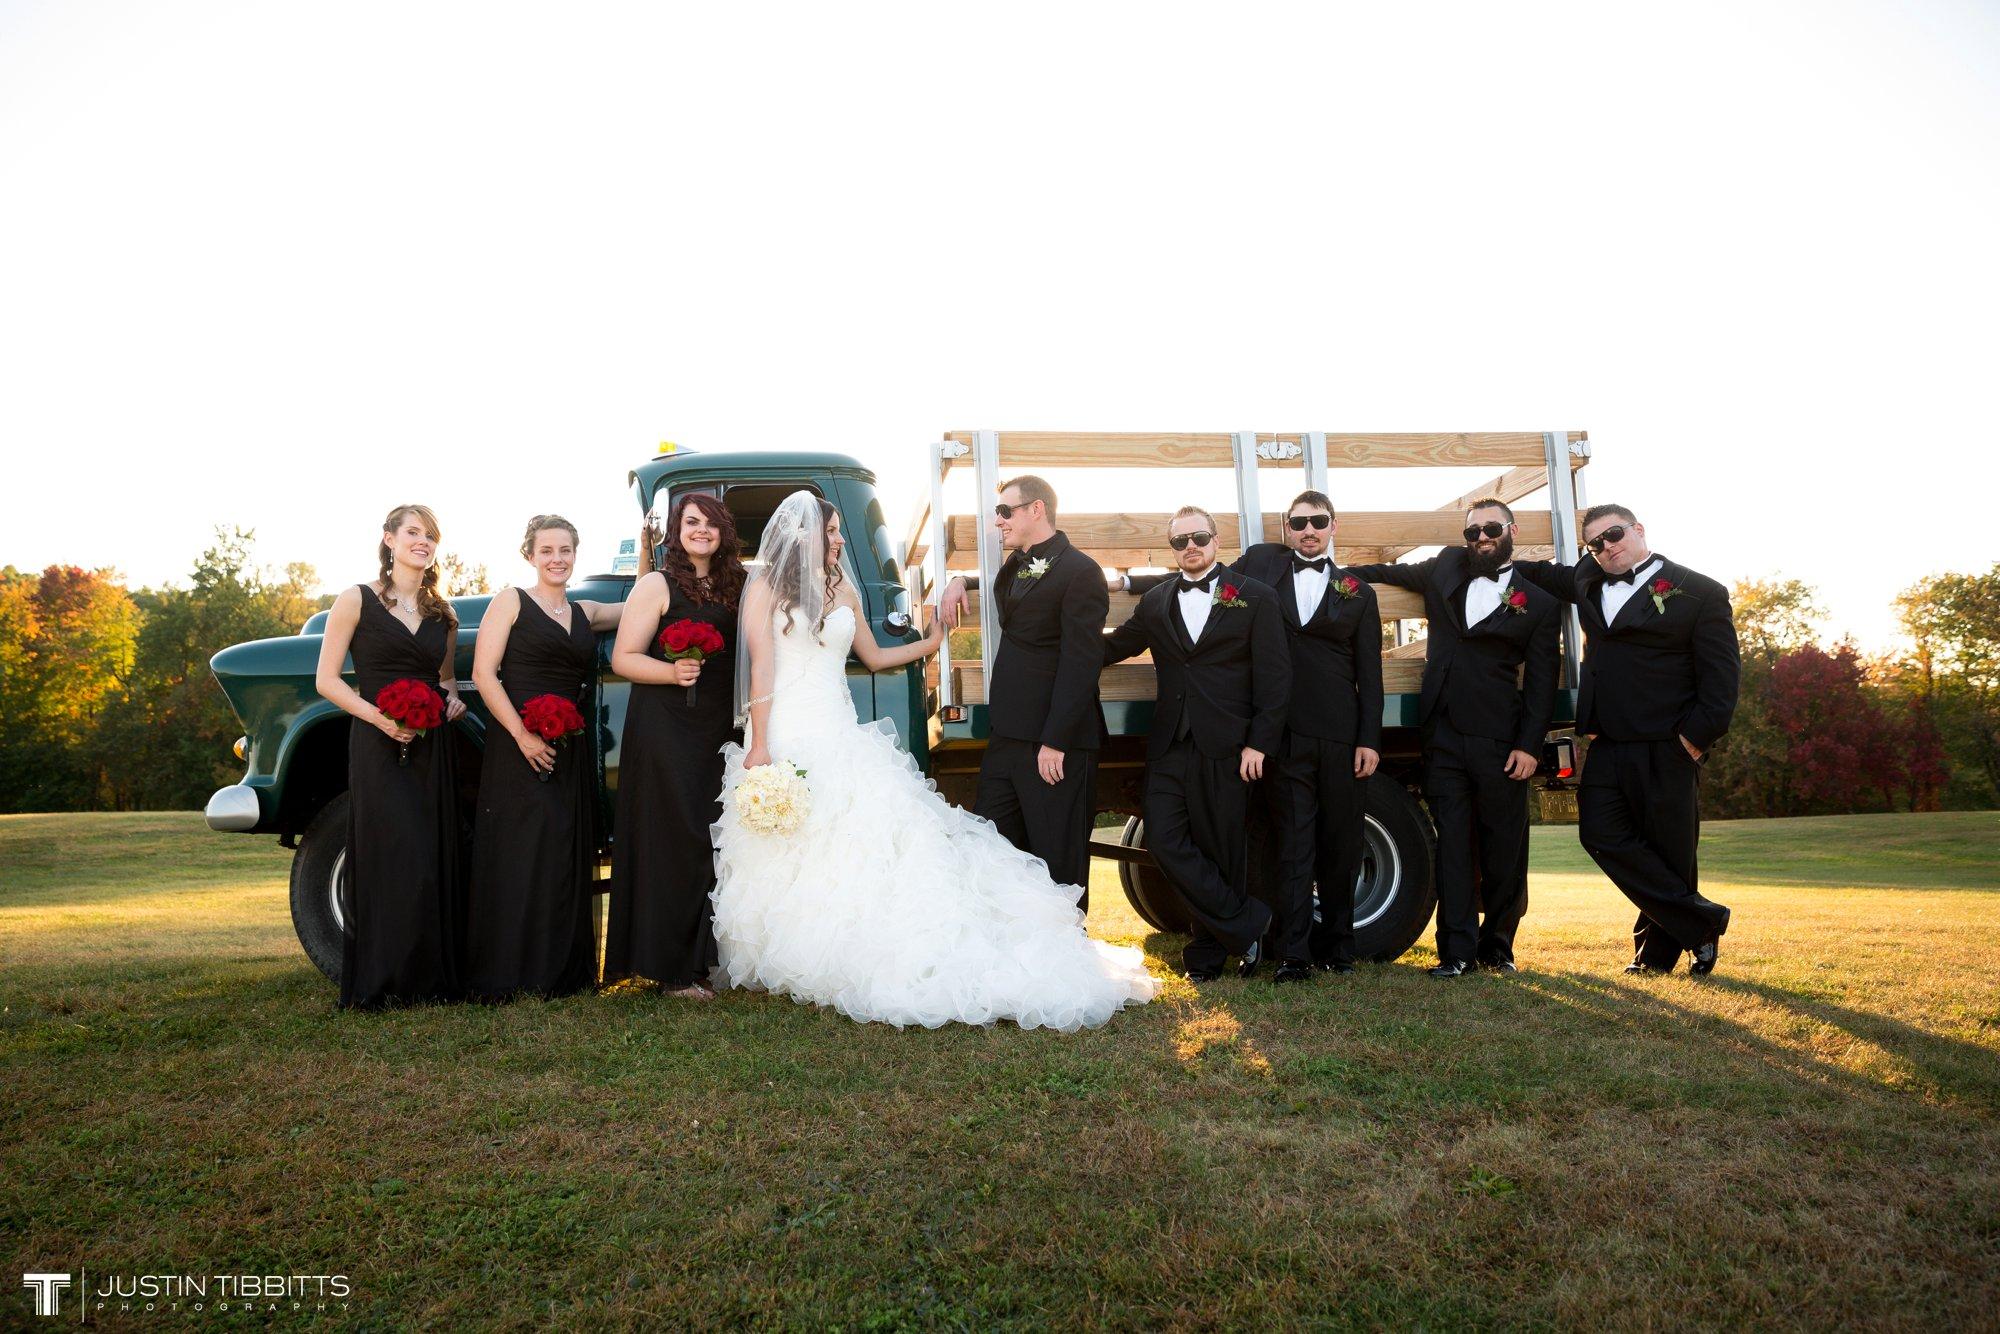 Albany NY Wedding Photographer Justin Tibbitts Photography 2014 Best of Albany NY Weddings-18511412